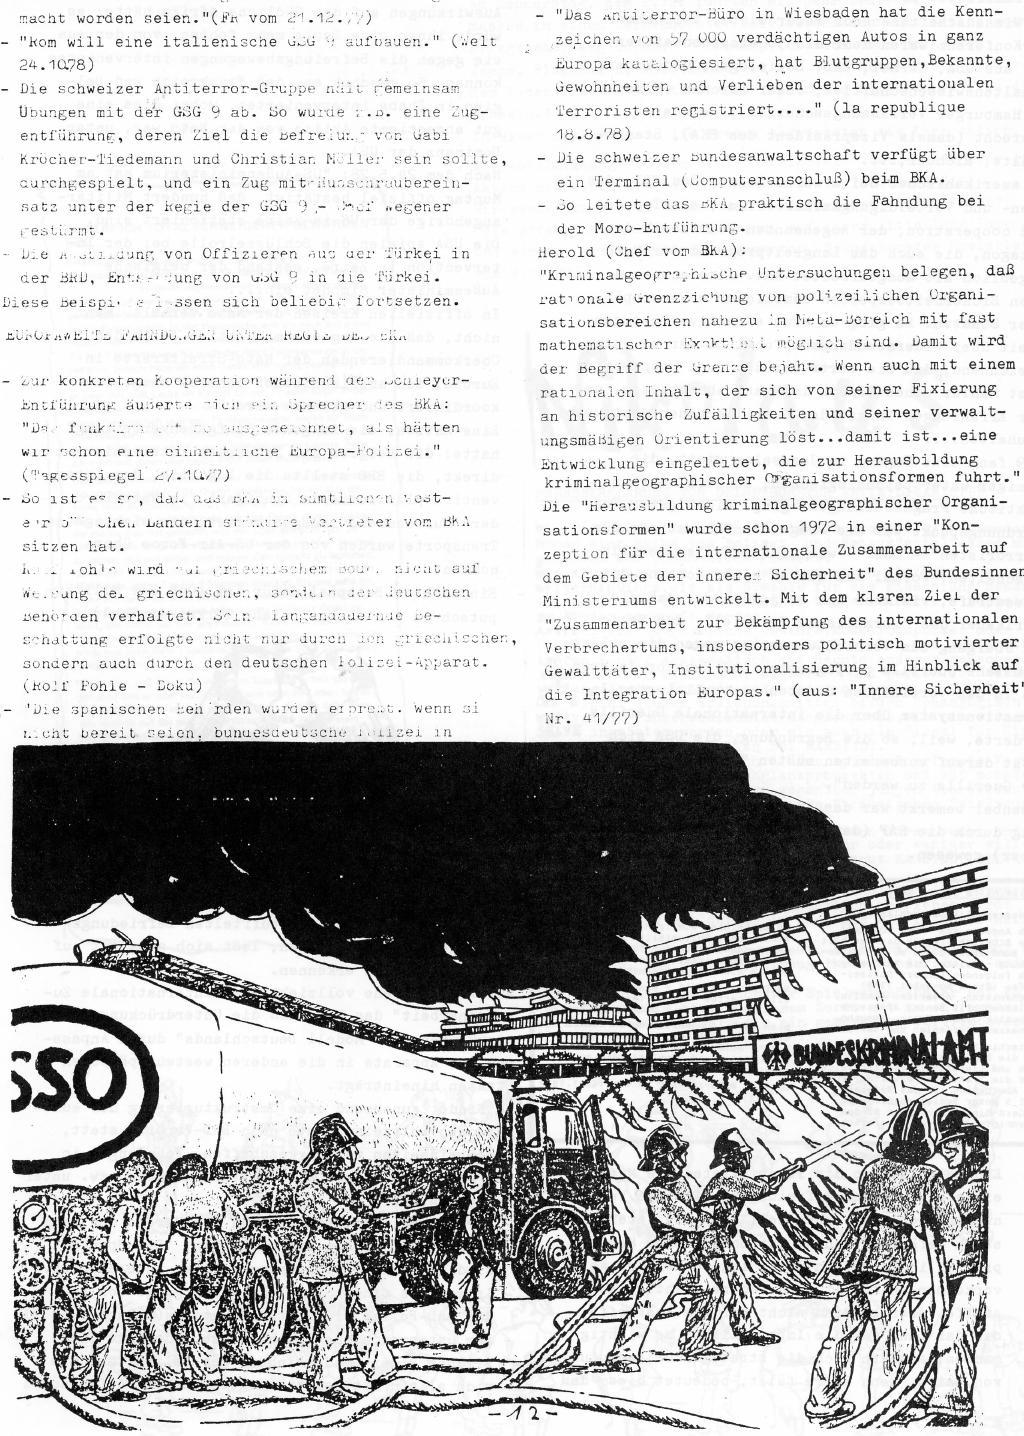 Bremen_1980_NATO_Broschuere_12